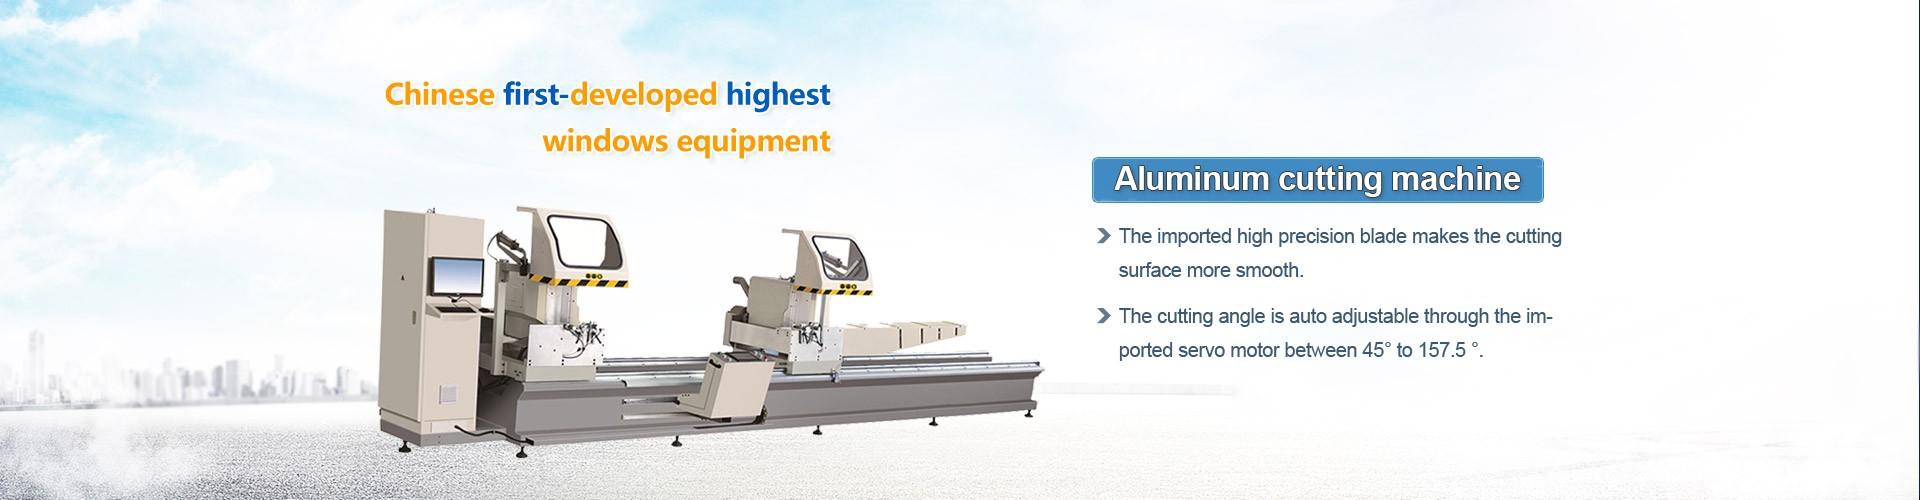 Segatrice per taglio ad angolo in alluminio ad alta efficienza